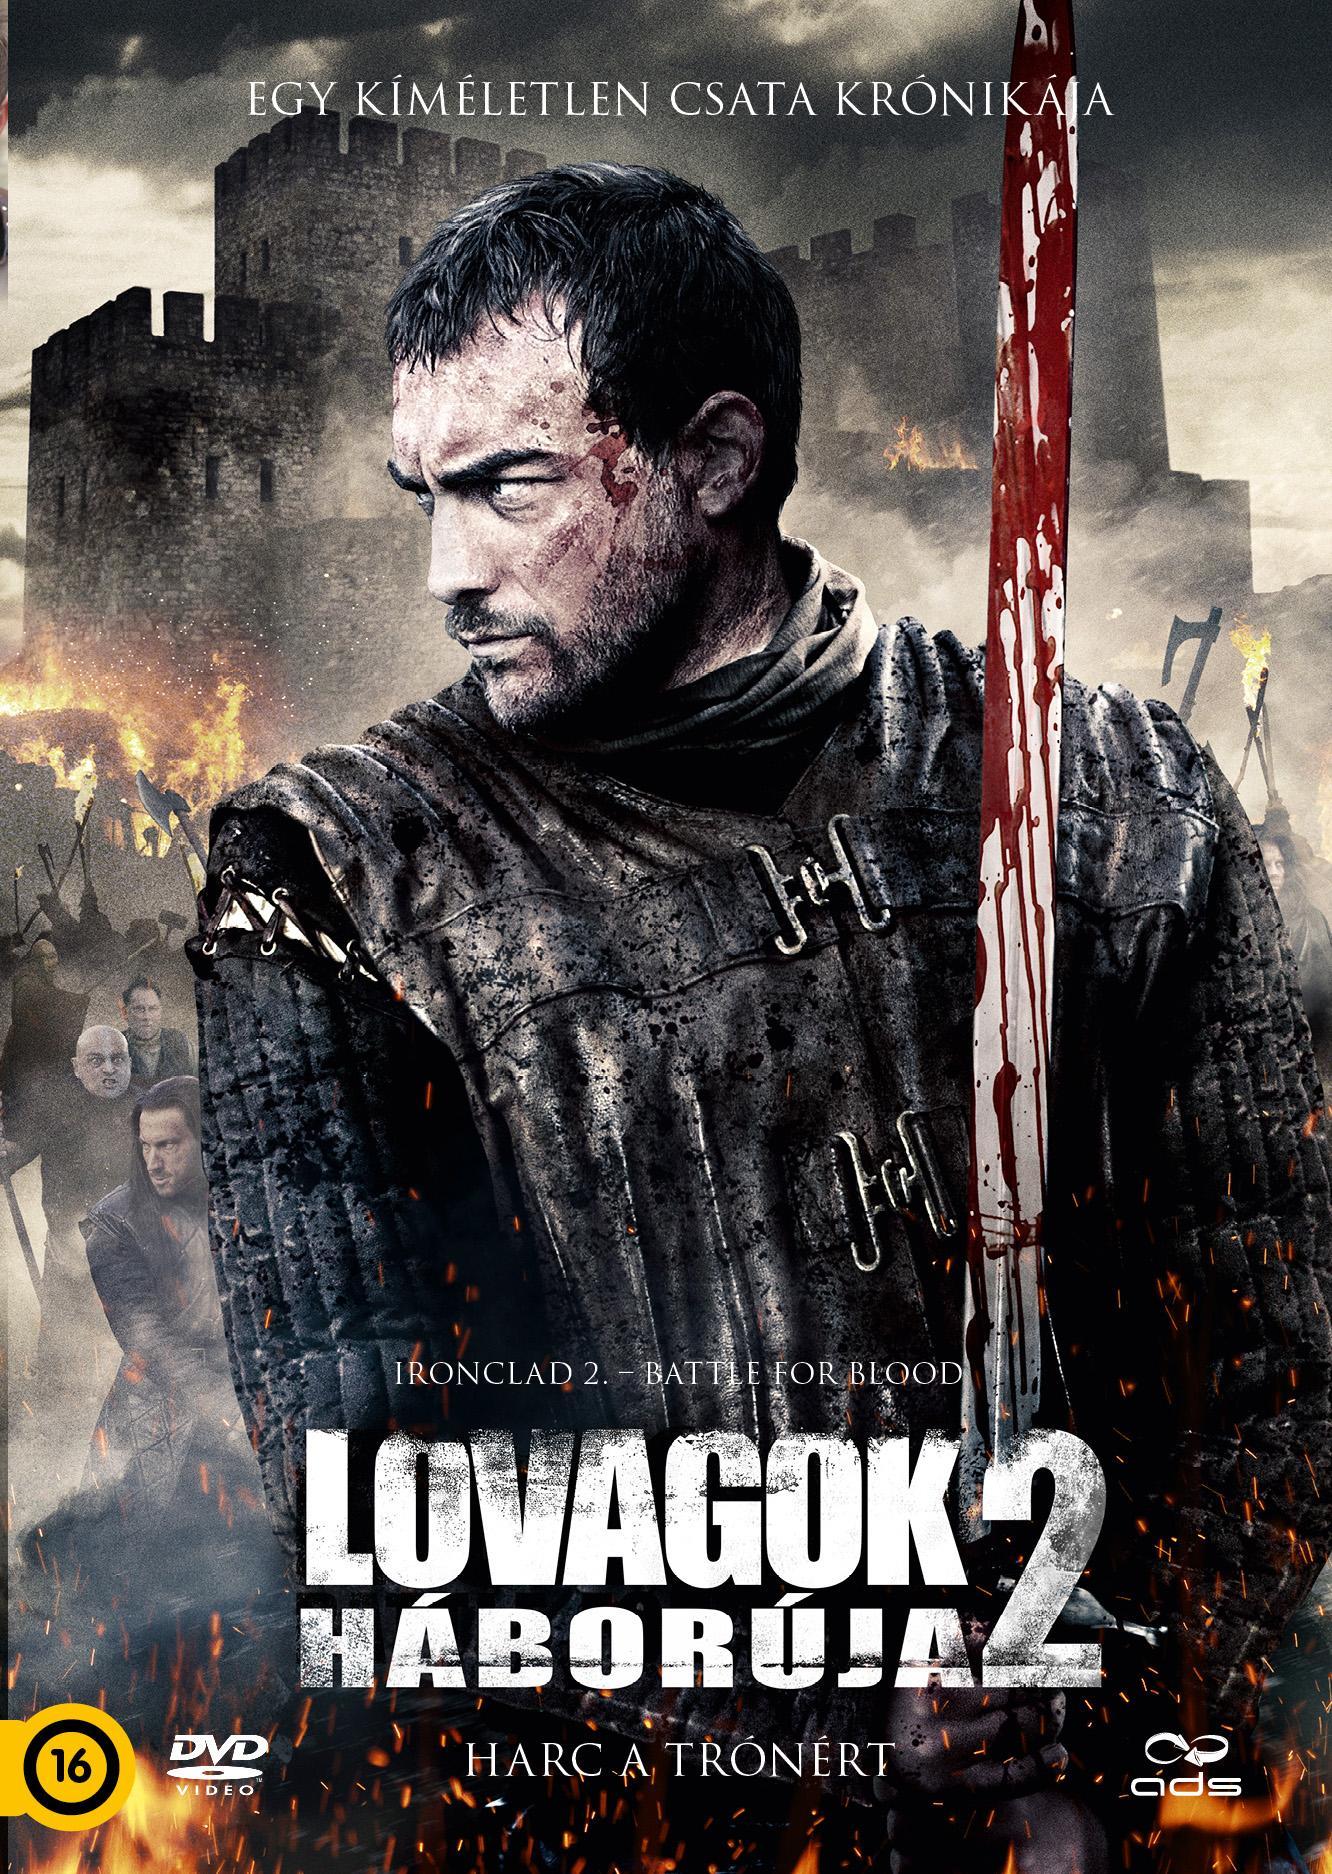 LOVAGOK HÁBORÚJA 2. - HARC A TRÓNÉRT - DVD -